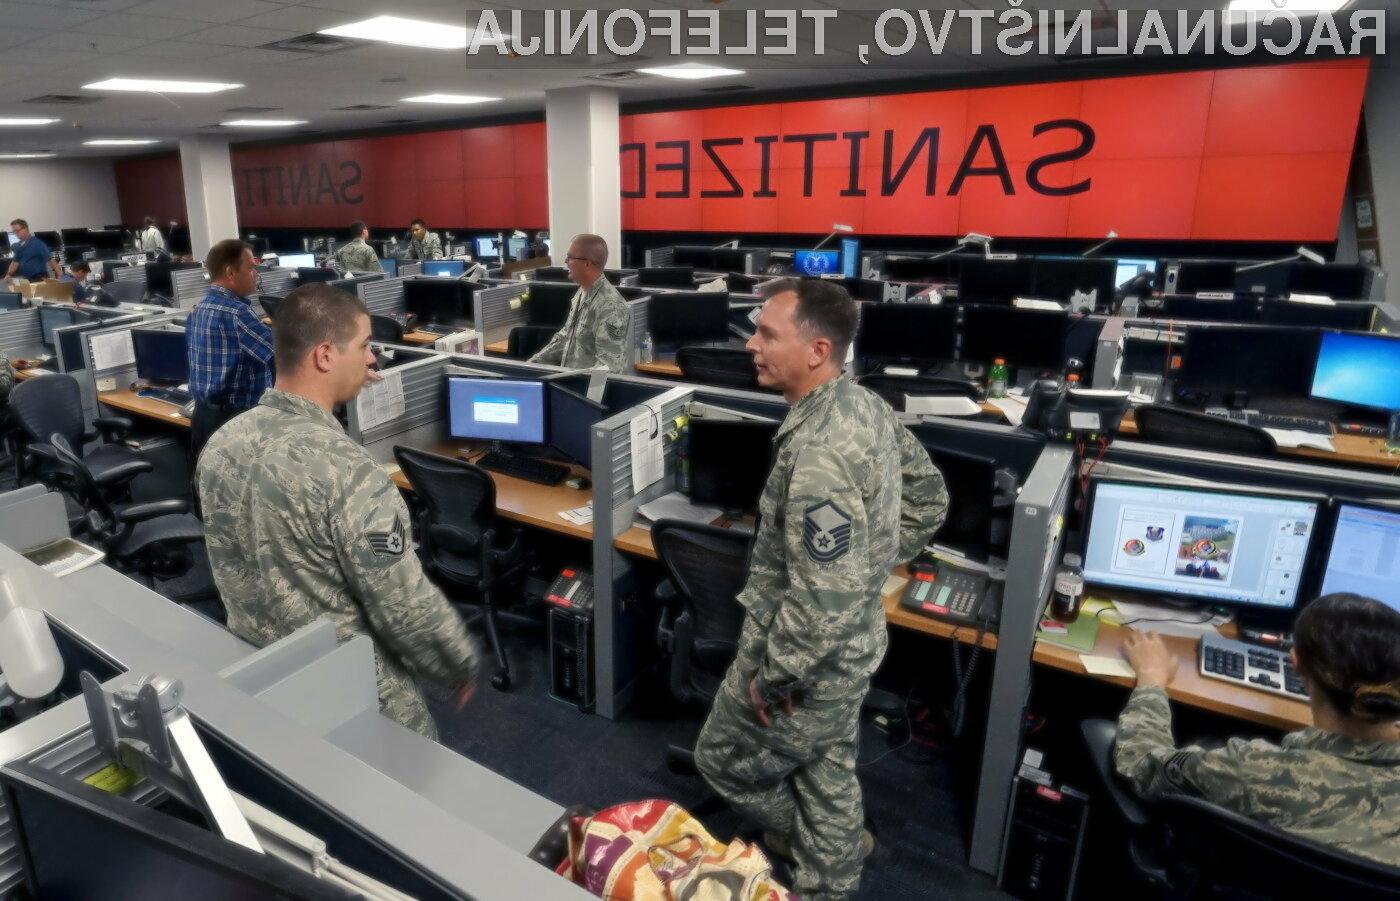 Ameriška vojska za boj proti terorizmu uporablja tudi računalnike!